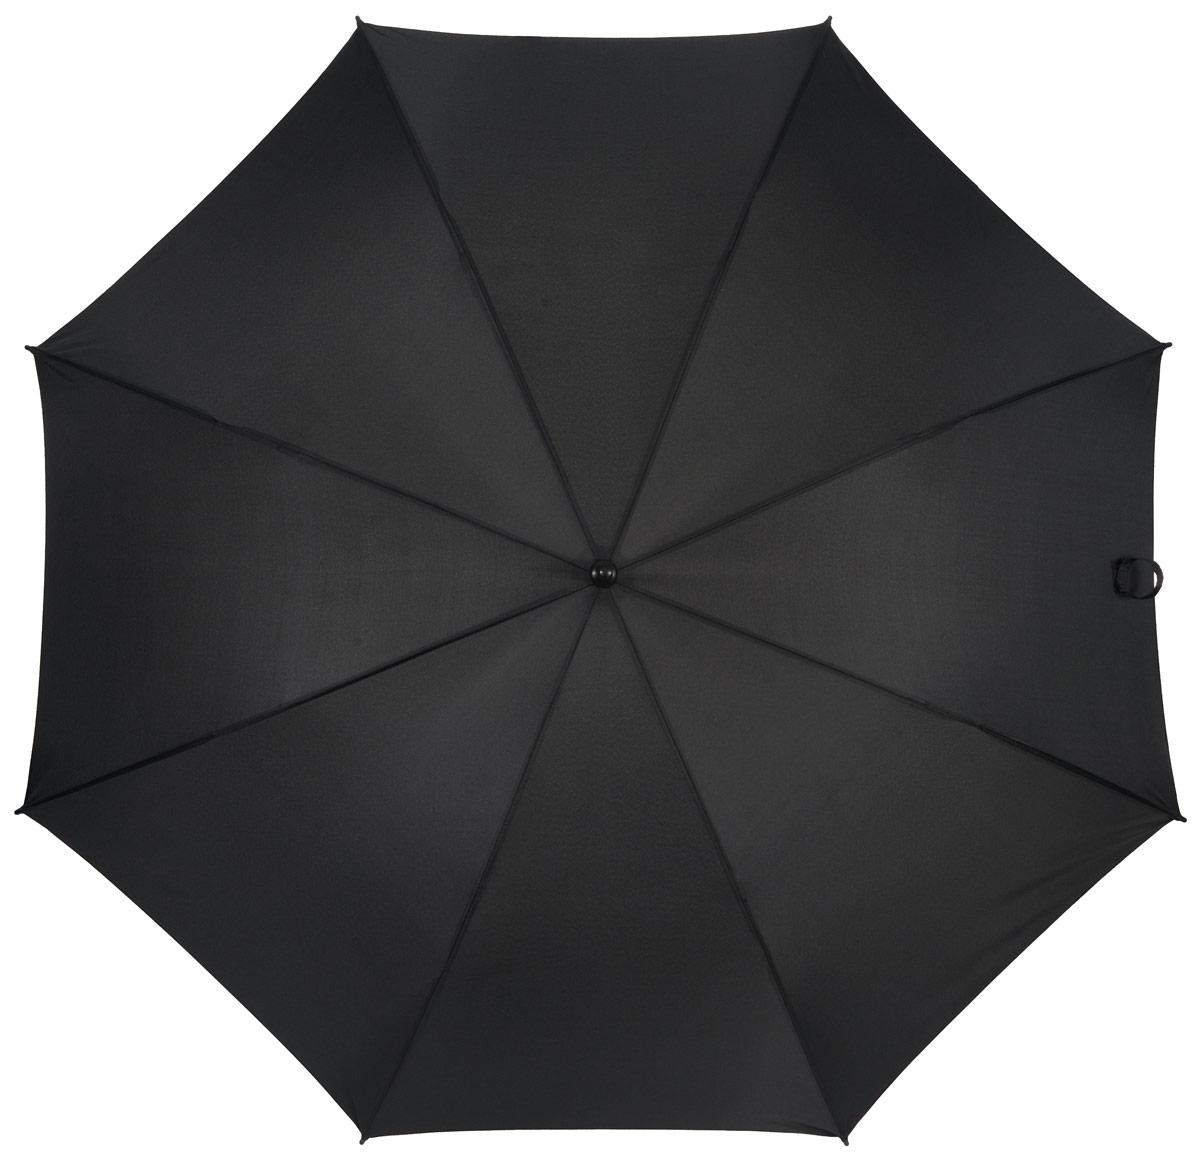 Зонт-трость мужской Эврика Меч самурая, полуавтомат, 3 сложения, цвет: черный. 93663 зонт мужской